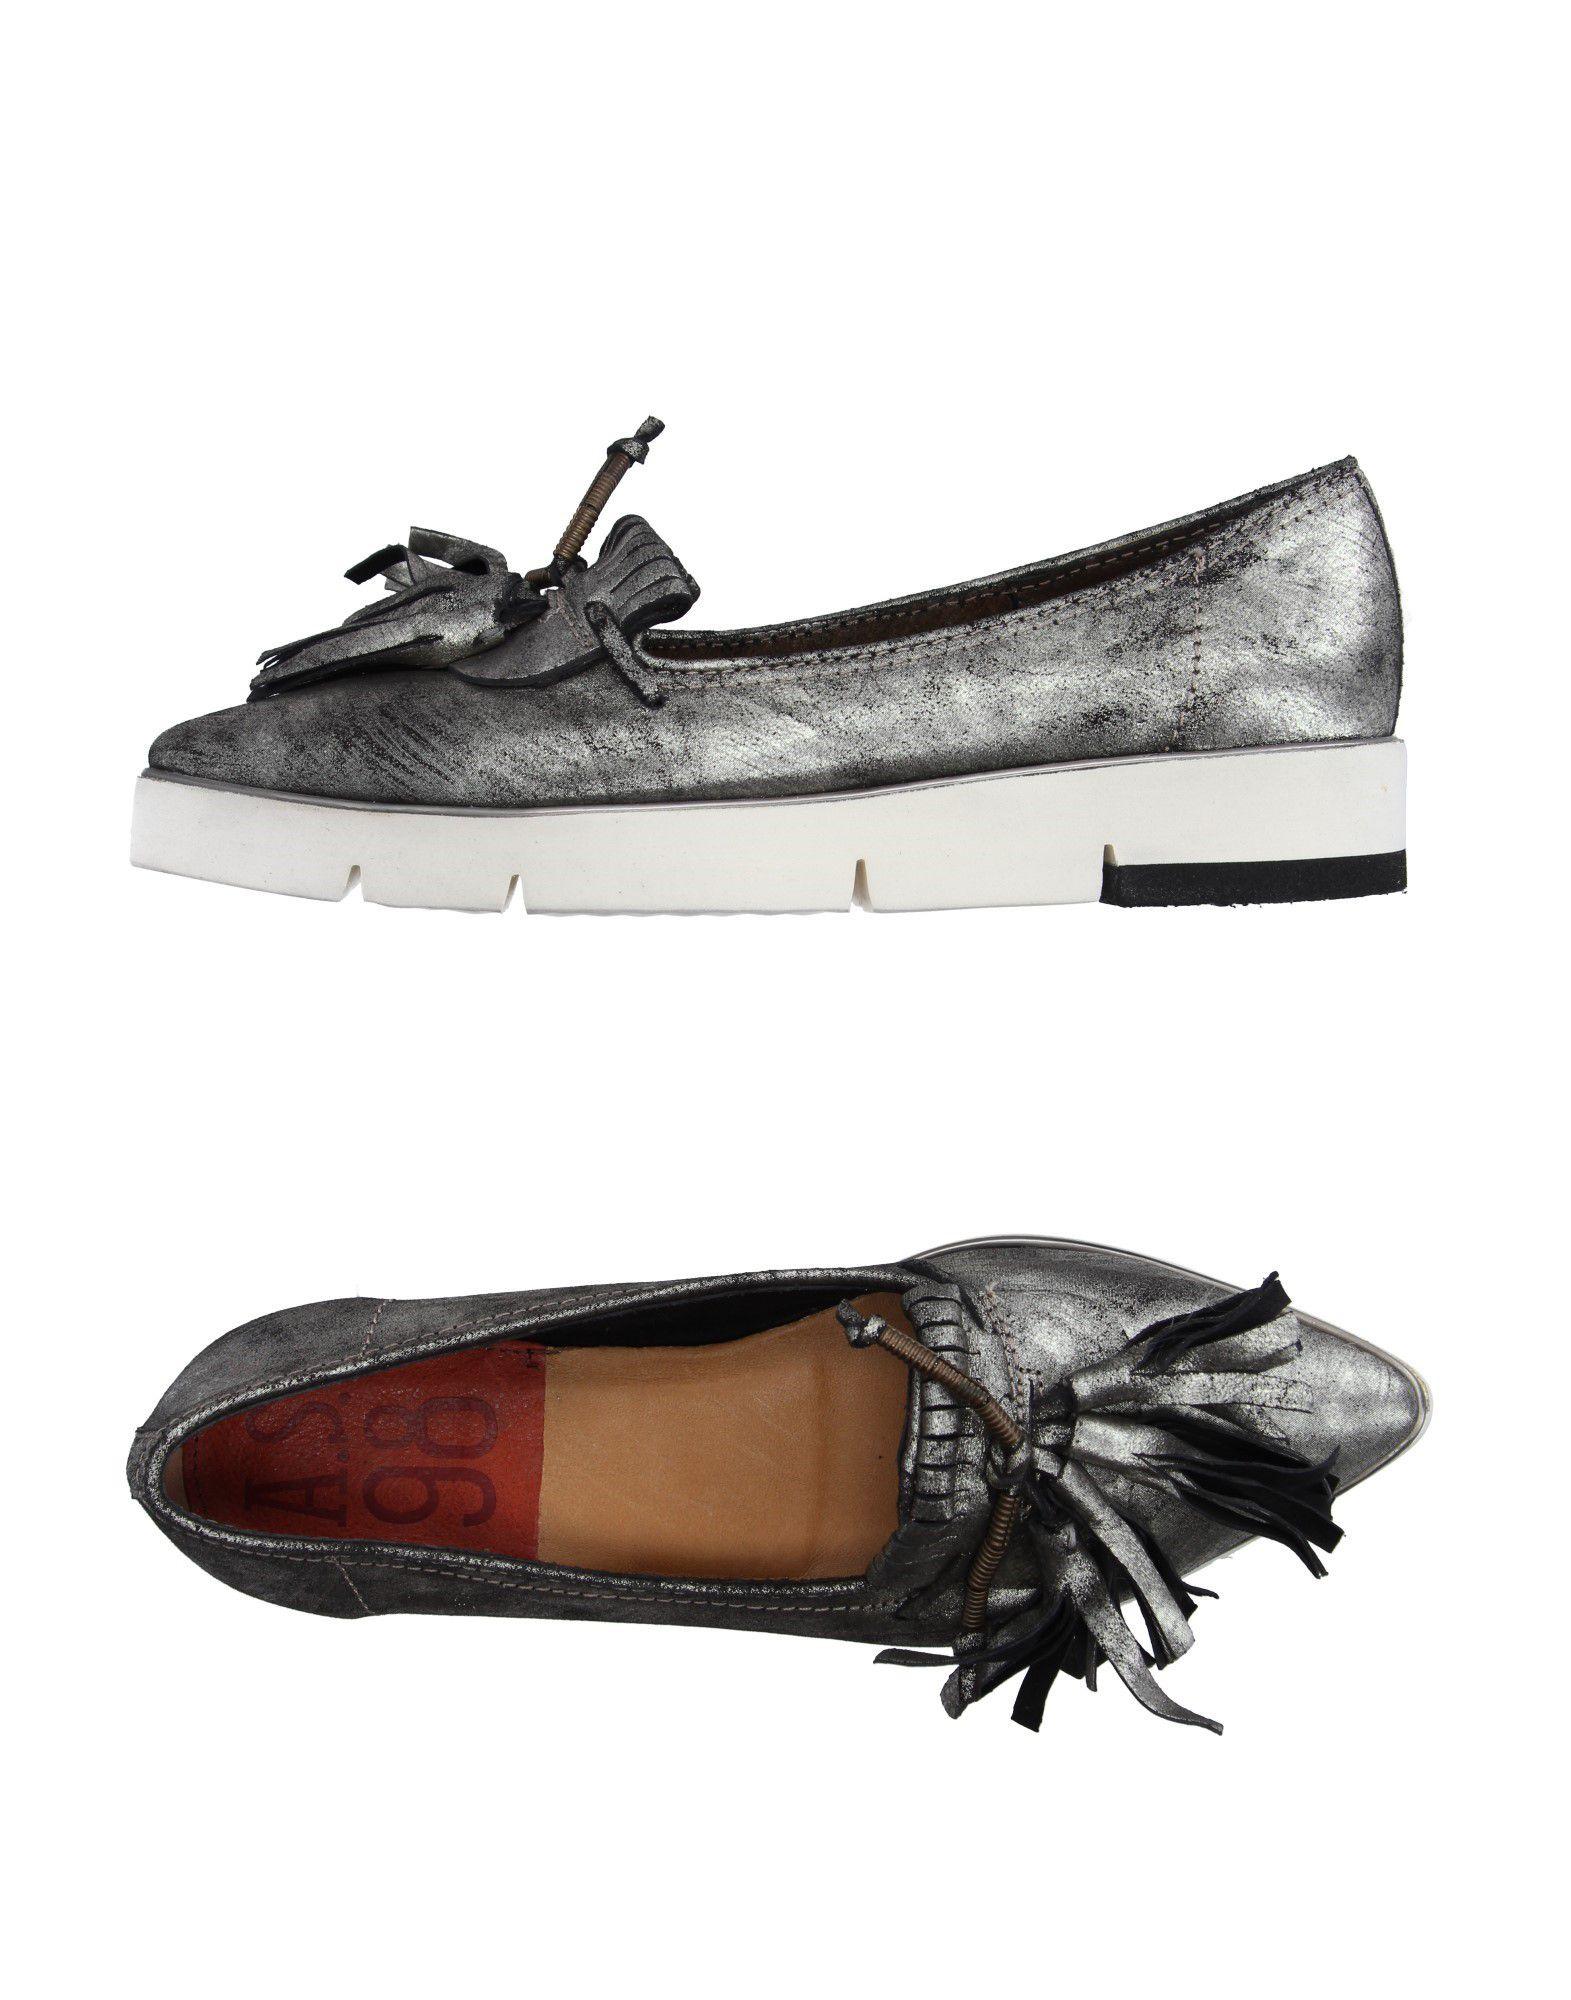 le dernier 34bc5 b0579 Mocassin femme original - Chaussure - lescahiersdalter